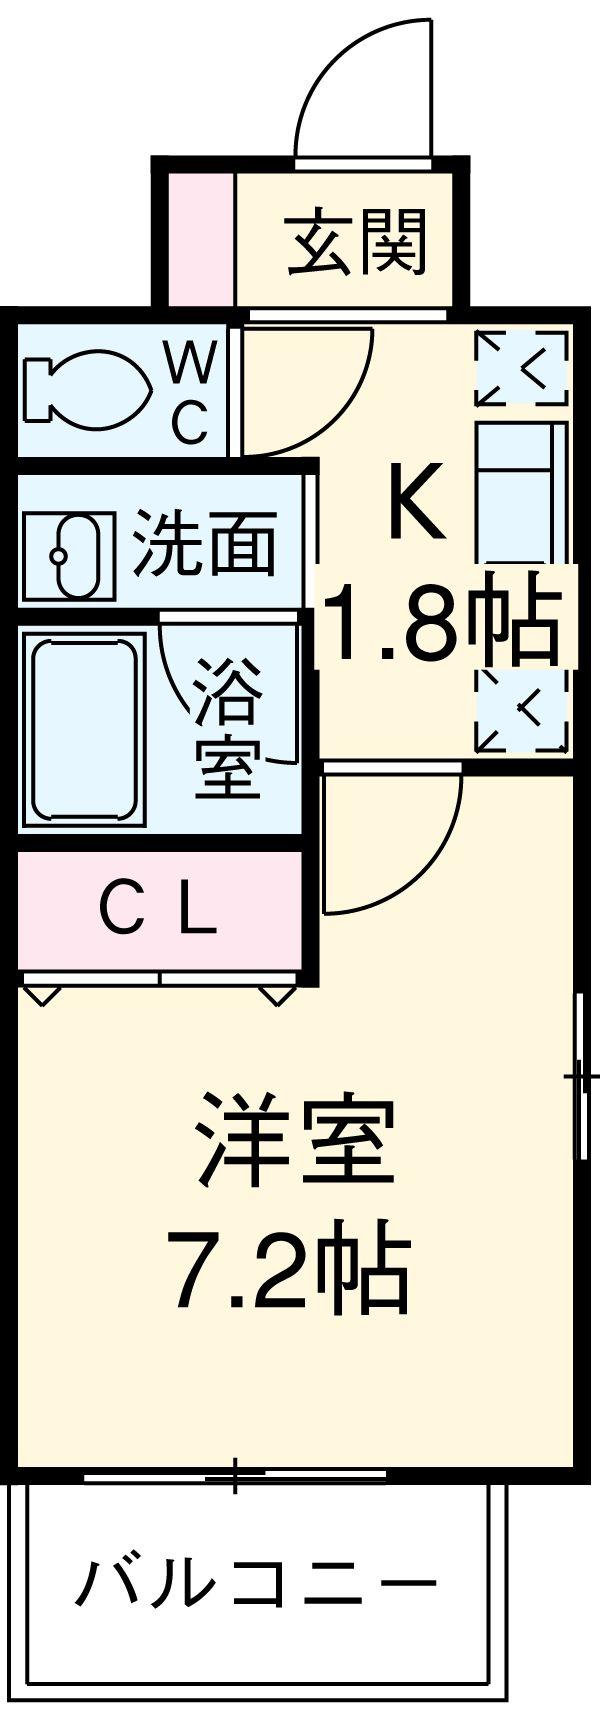 クレジデンス新栄 402号室の間取り